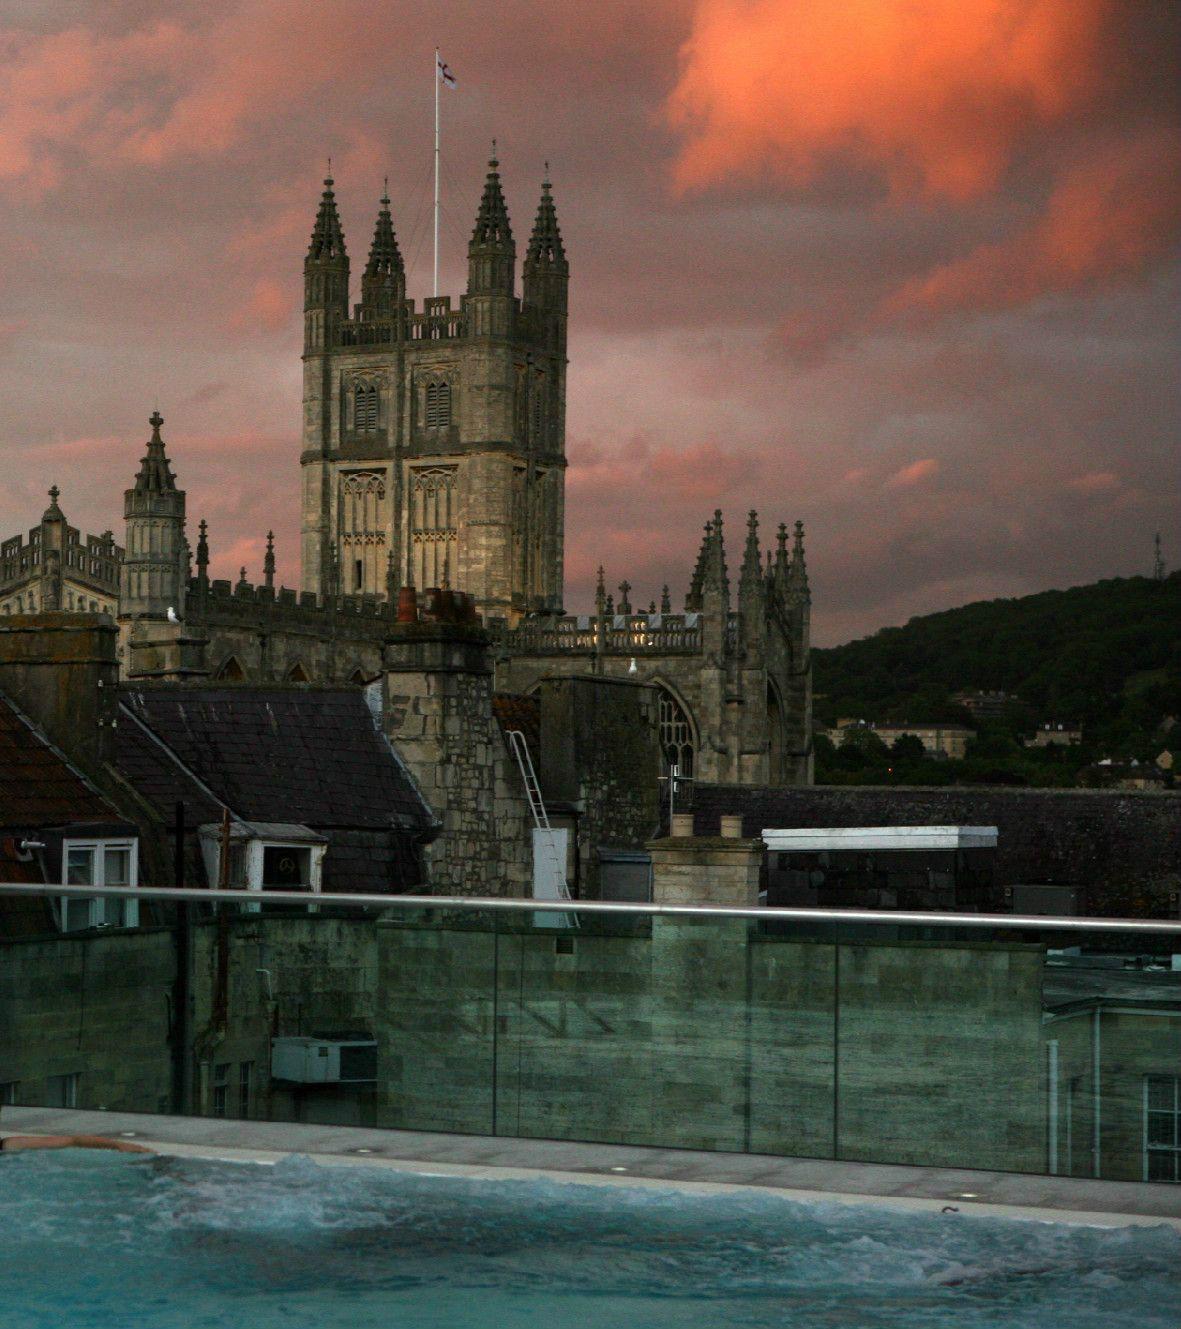 世界文化遺産の眺めと夕焼けが織り成す「特別な入浴タイム」